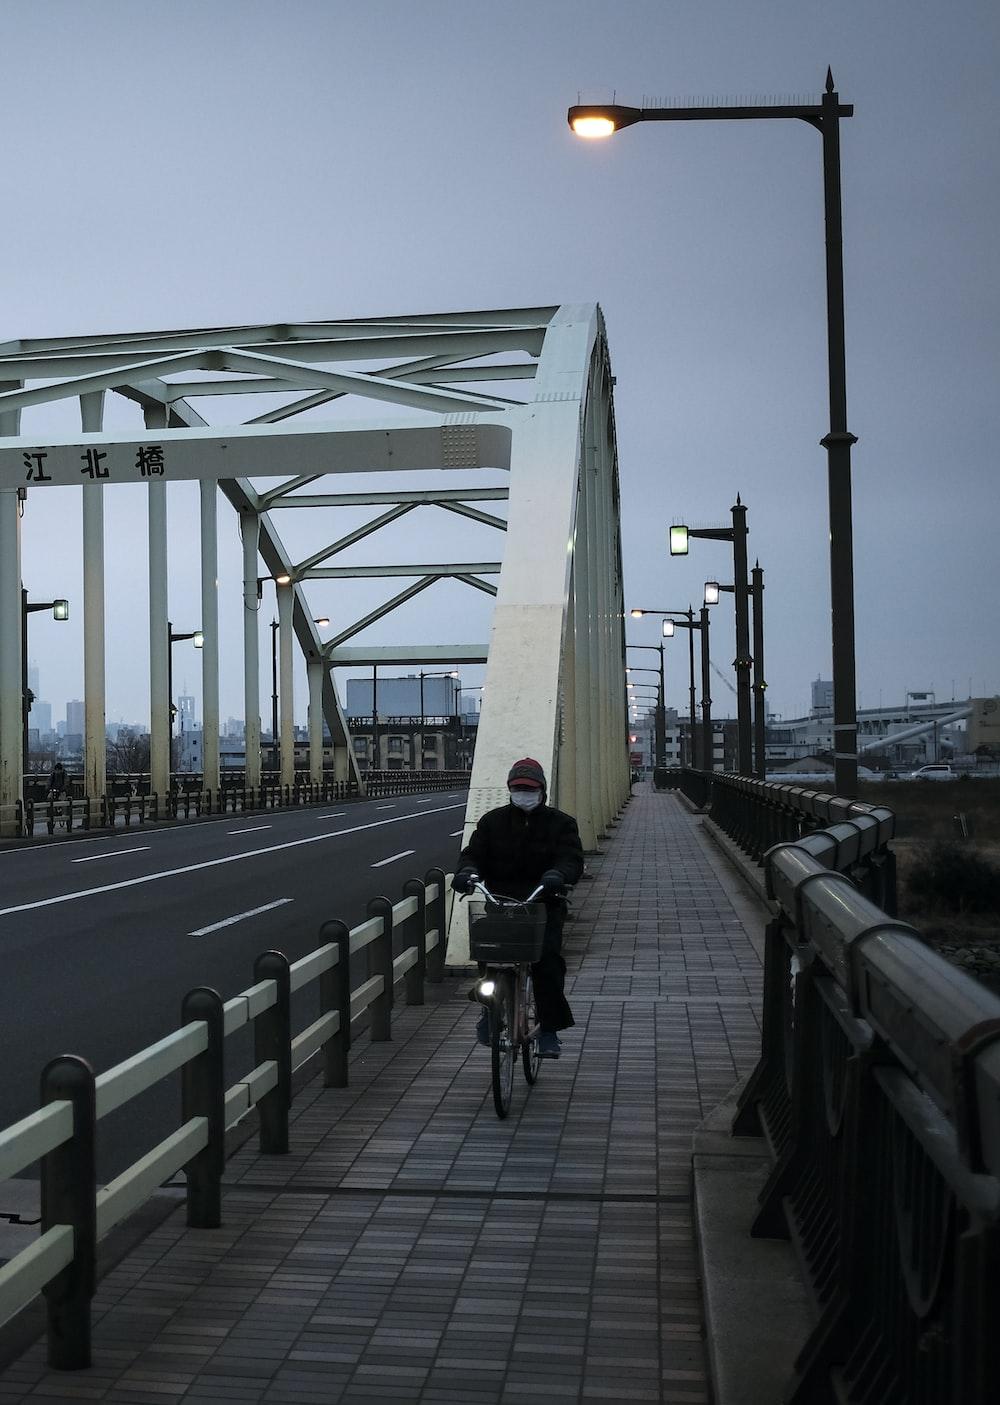 people walking on bridge during daytime